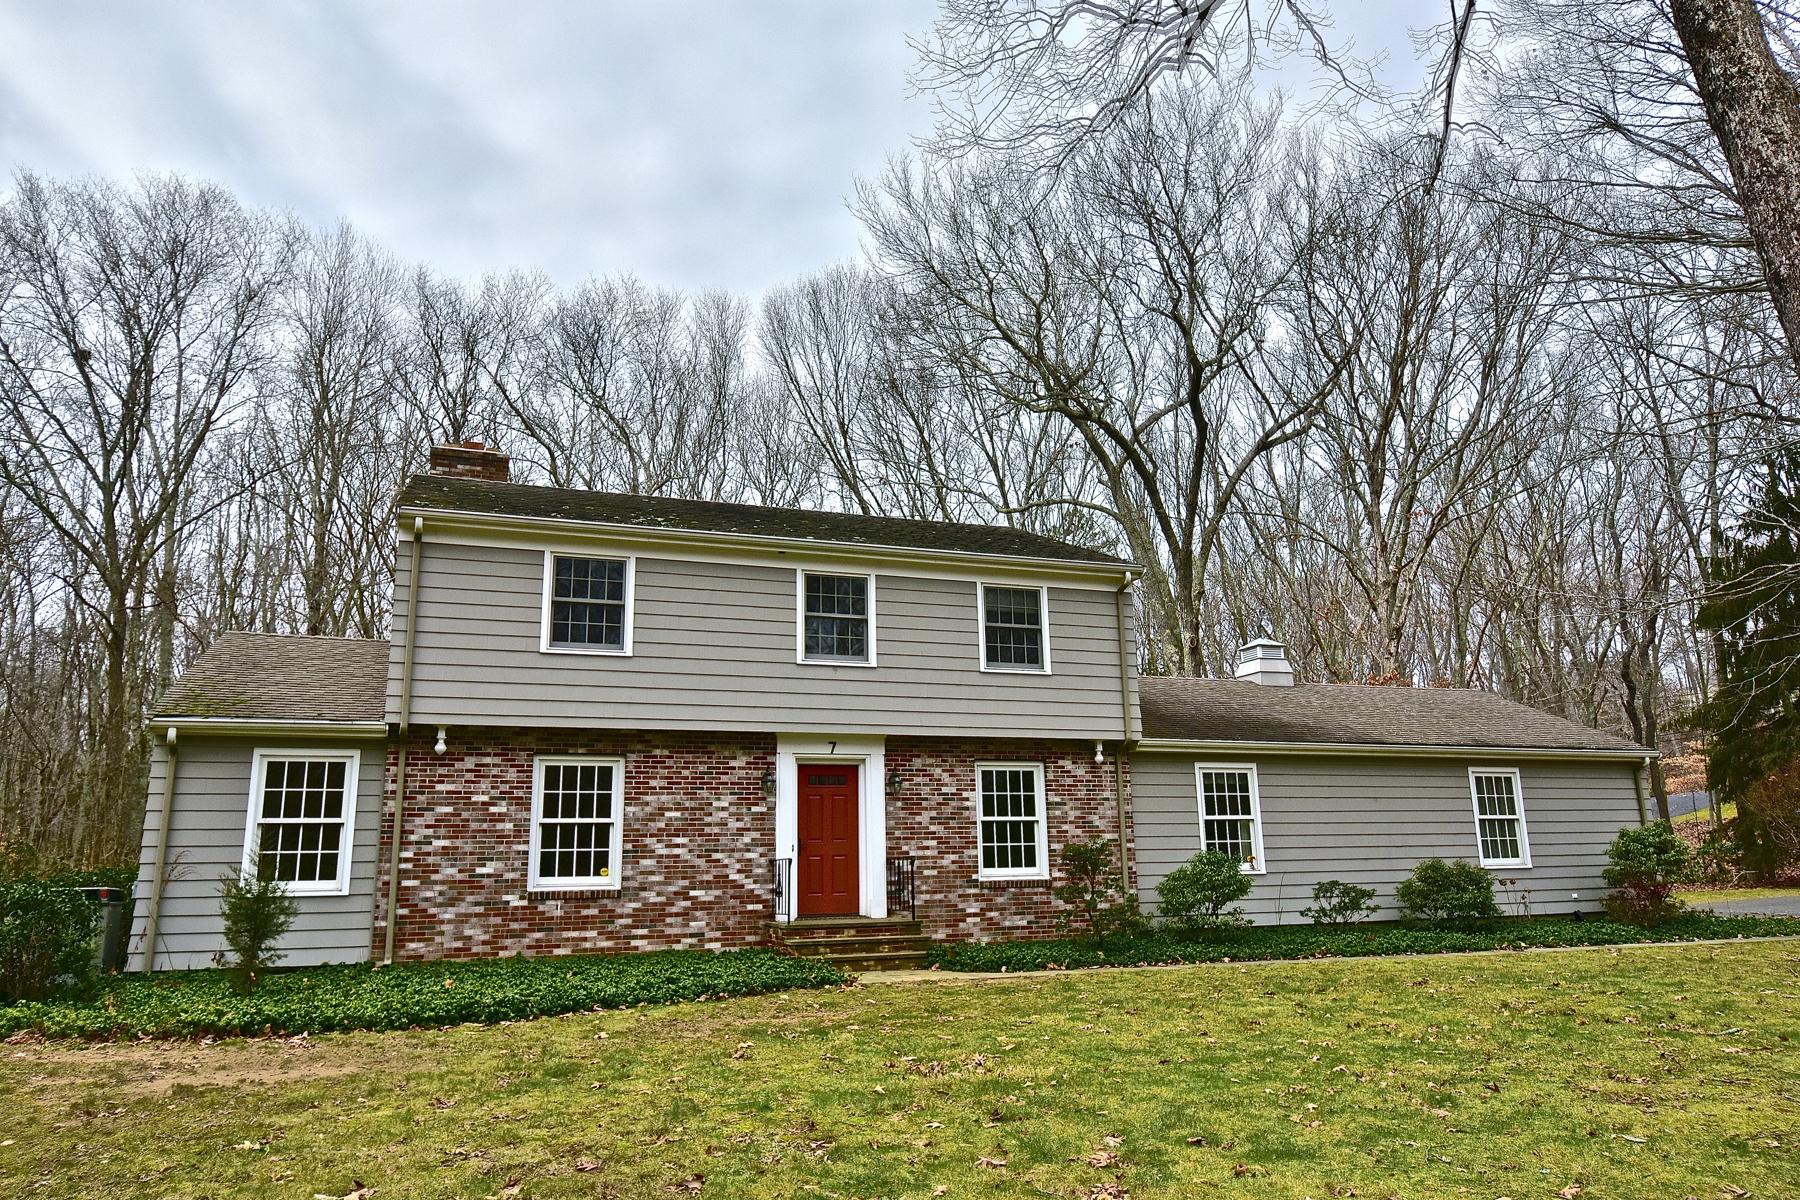 Einfamilienhaus für Verkauf beim Great Otter Cove Expanded Colonial 7 Laurel Way Old Saybrook, Connecticut 06475 Vereinigte Staaten